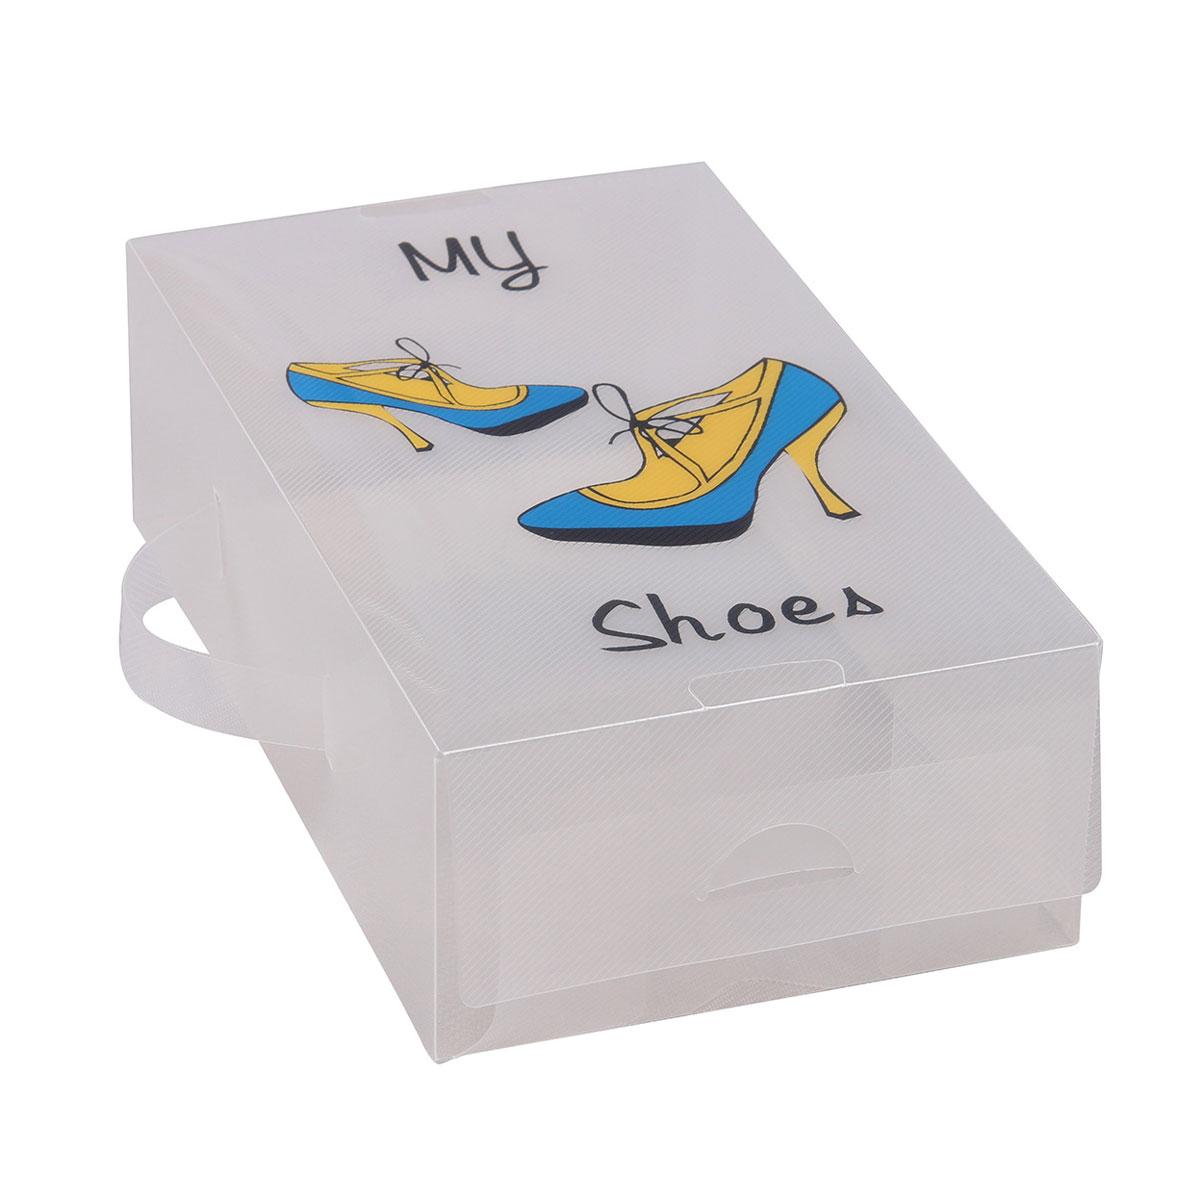 Короб для xранения обуви Miolla, 30 x 18 x 10 см. PLS-10PLS-10Удобный пластиковый короб для хранения обуви Miolla станет идеальным решением для организации пространства вашего гардероба. Можно больше не переживать за сохранность дорогих туфель или изысканных босоножек, короб Miolla позволит отделить одну пару от другой и в отличие от картонных аналогов не потеряет форму, угрожая испортить любимую обувь.Размер короба: 30 х 18 х 10 см.